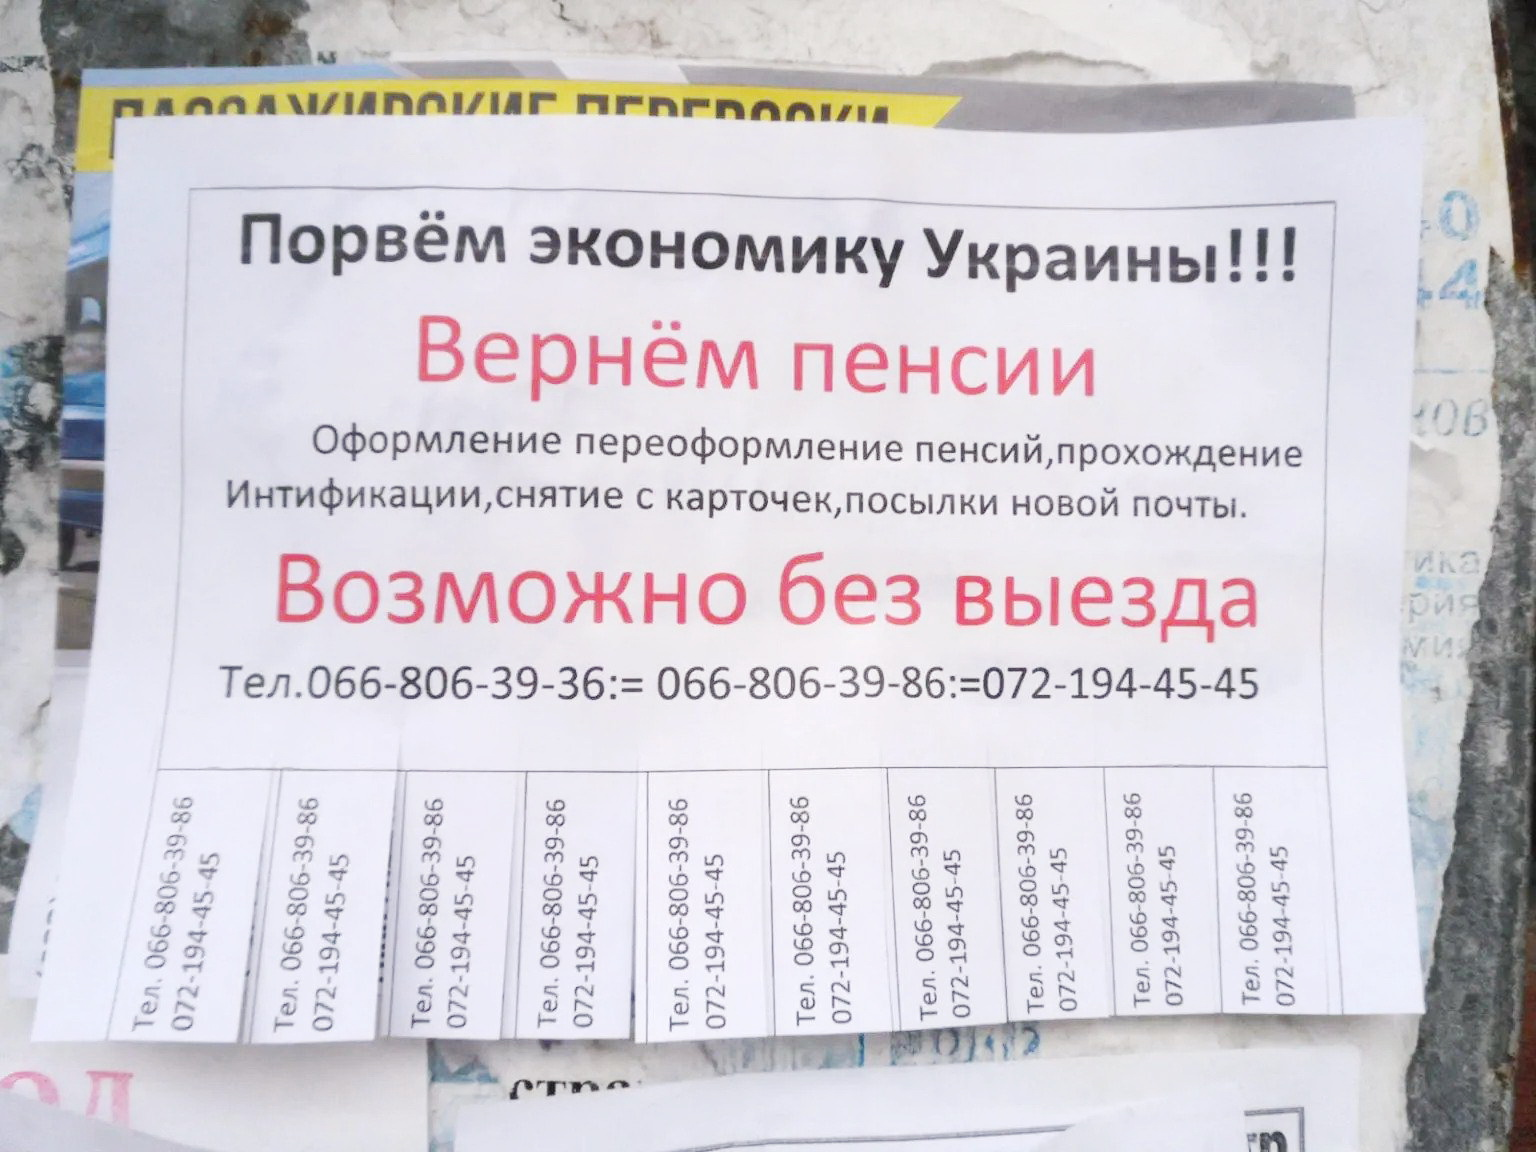 На нараді у Зеленського затвердили 5 сценаріїв реінтеграції окупованих територій Донбасу, - ОП - Цензор.НЕТ 923